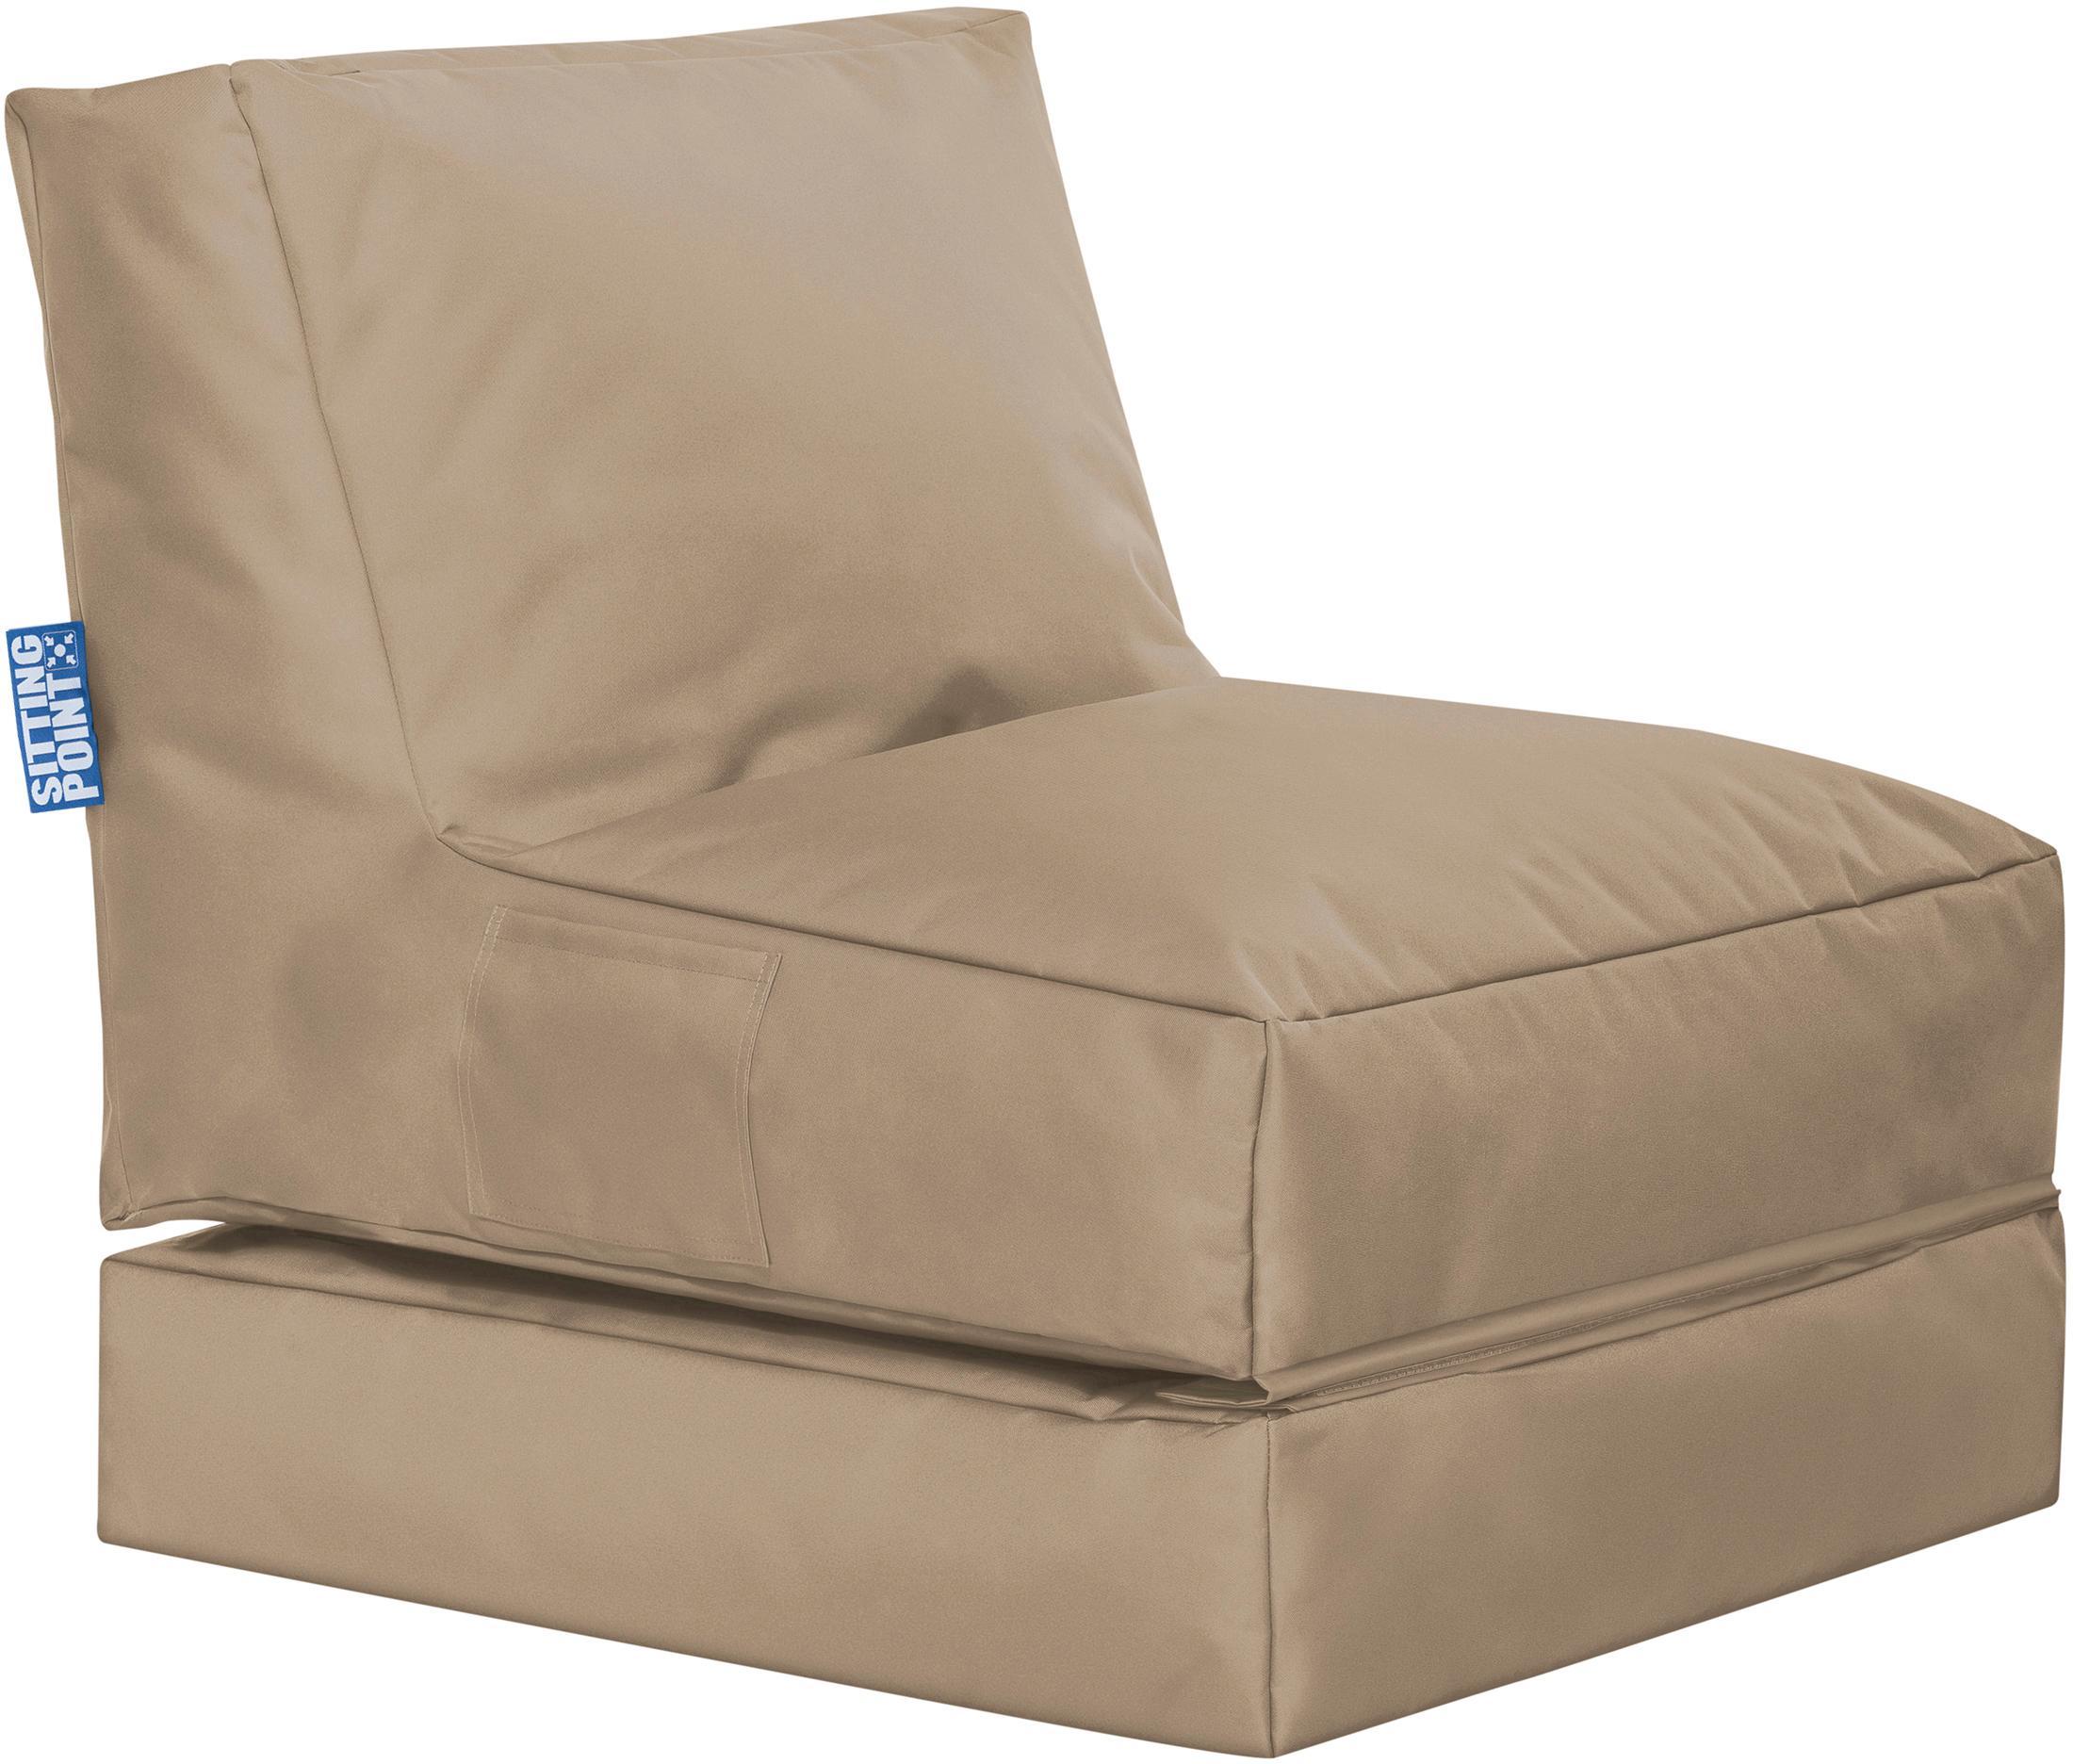 Garten-Loungesessel Pop Up mit Liegefunktion, Bezug: 100% Polyester Innenseite, Khaki, B 70 x T 90 cm